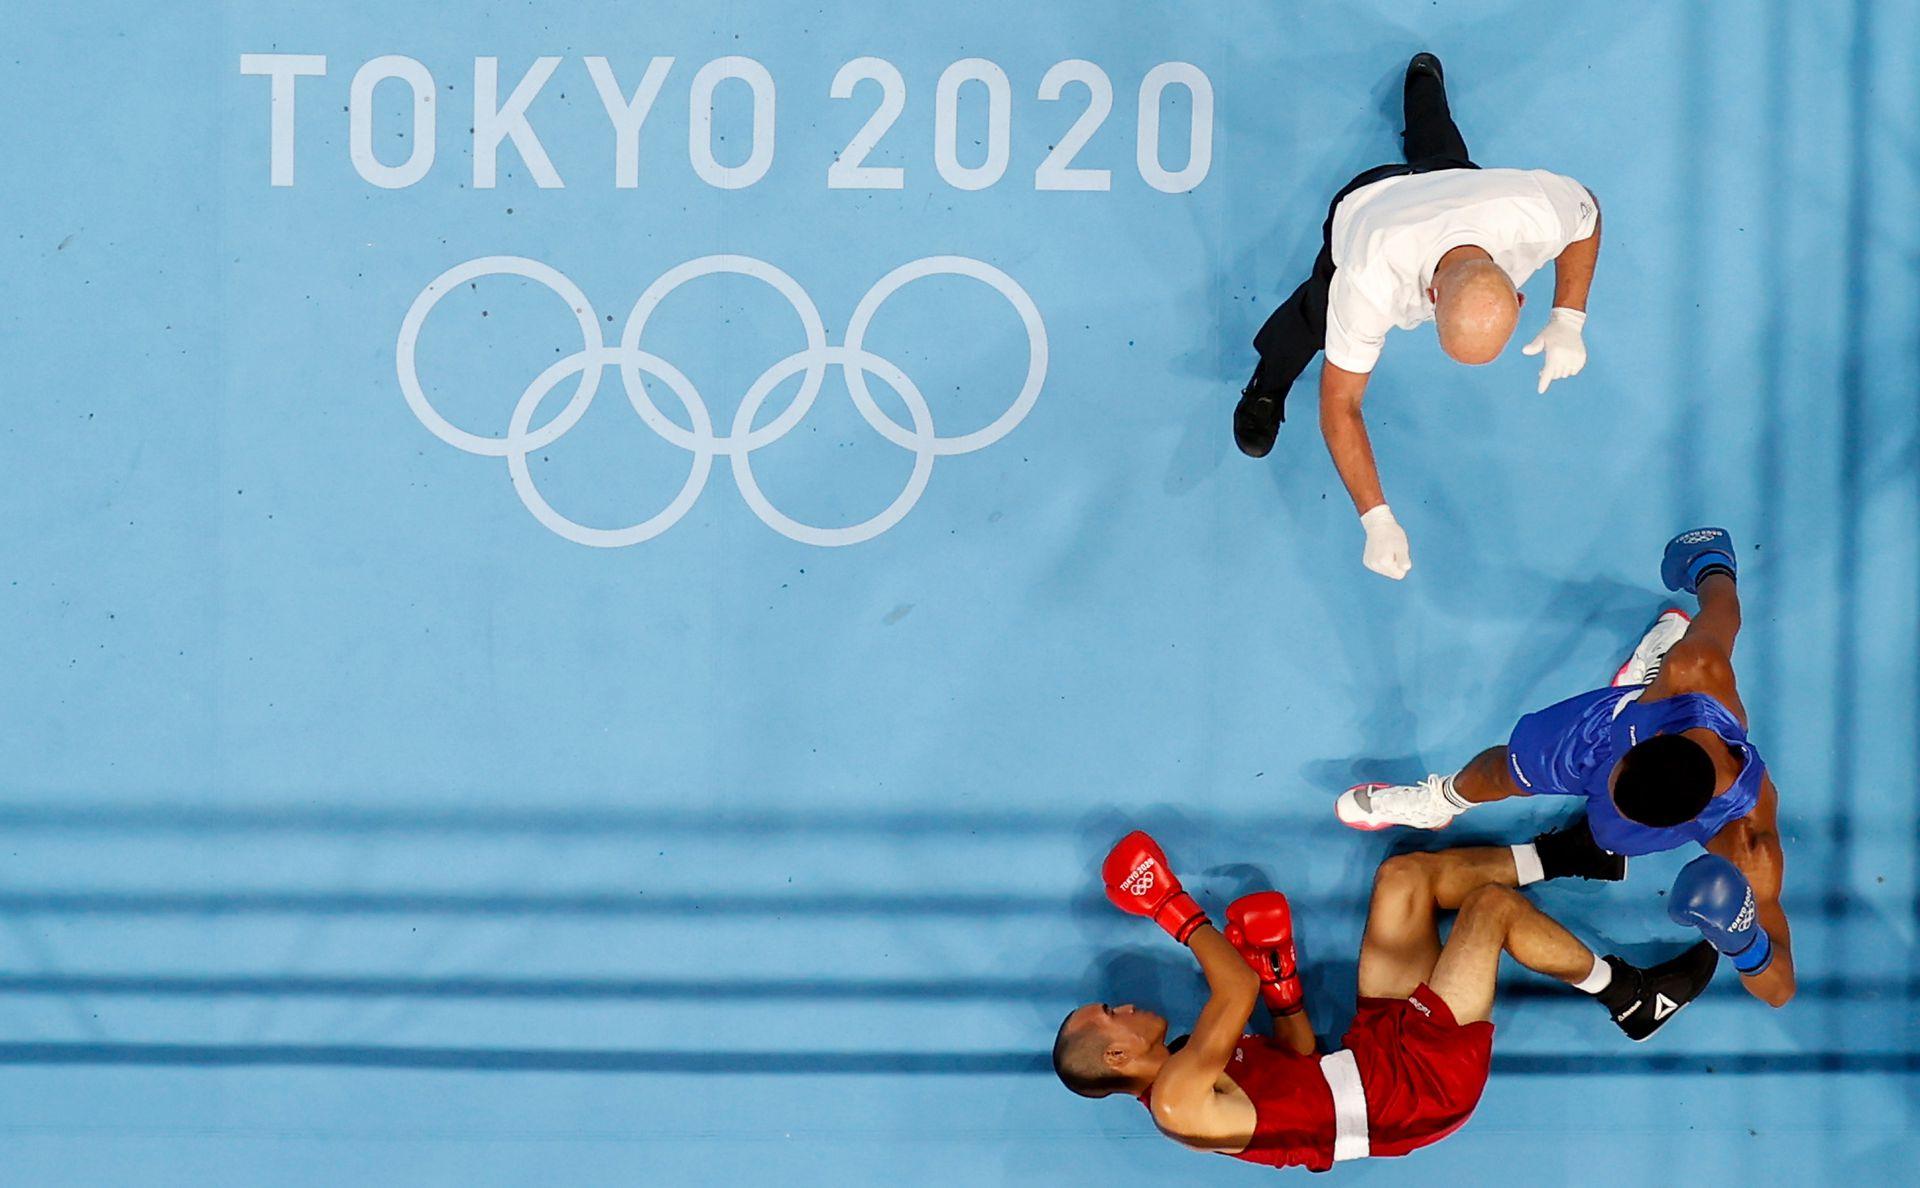 Eldric Sella Rodríguez (rojo) del Equipo Olímpico de Refugiados es derribado por Euri Cedeno Martínez de la República Dominicana durante el Medio Masculino (69-75 kg) en el tercer día de los Juegos Olímpicos de Tokio 2020 en Kokugikan Arena en julio 26, 2021 en Tokio, Japón.